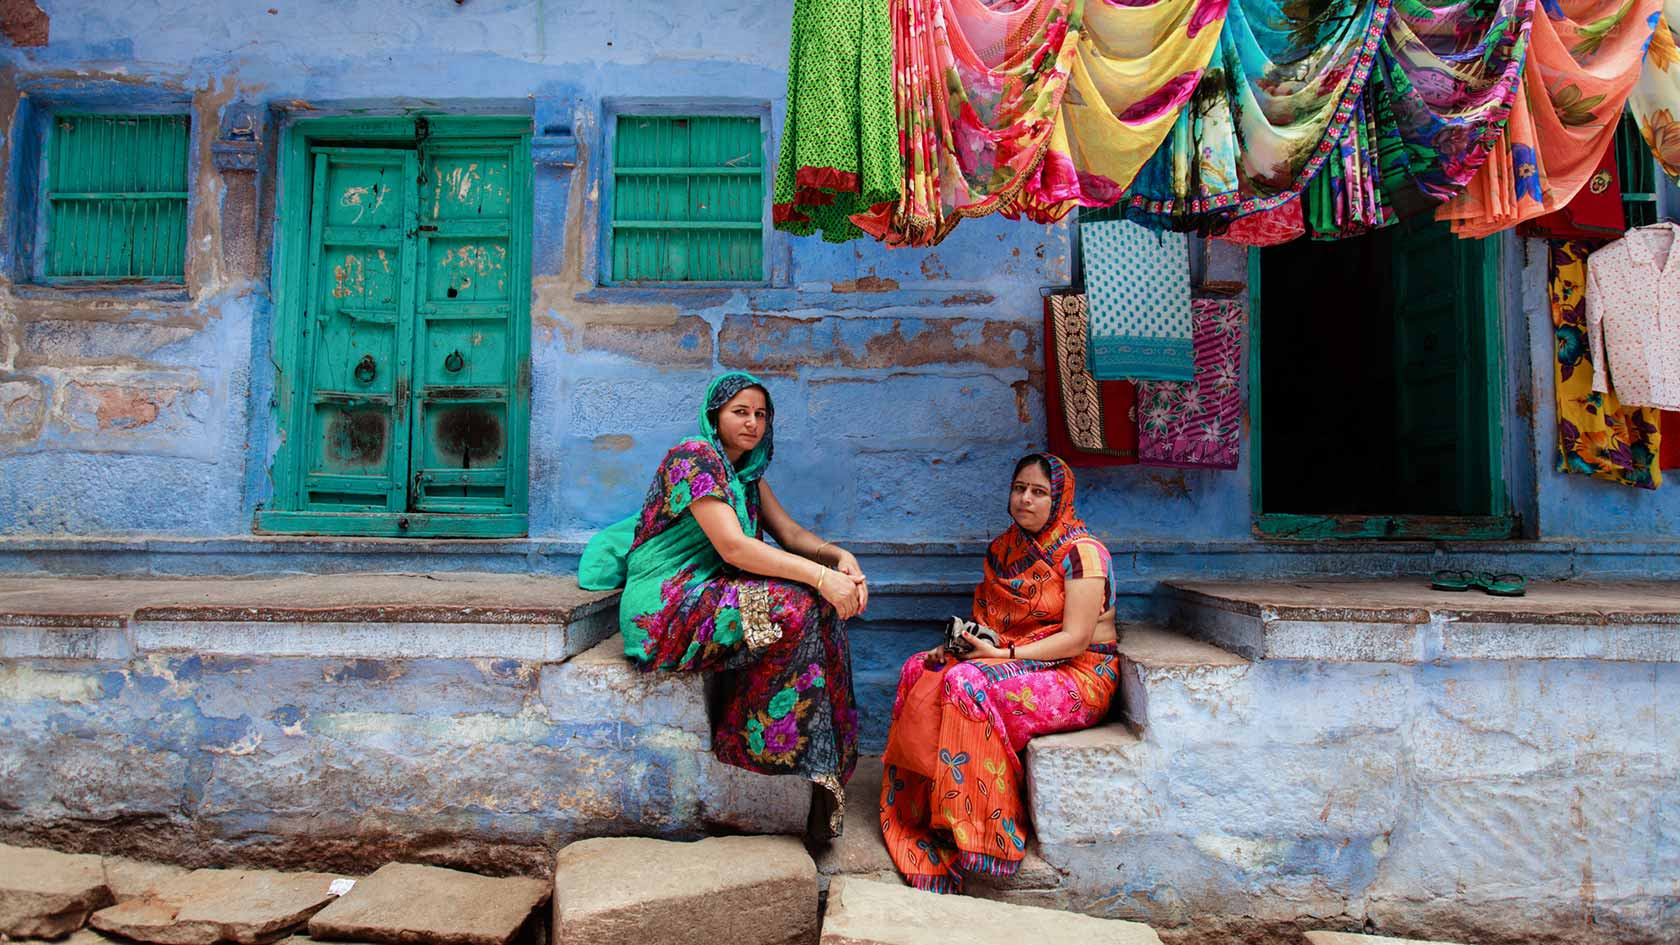 Richtung Indien: Der Weg zu Ihren Träumen